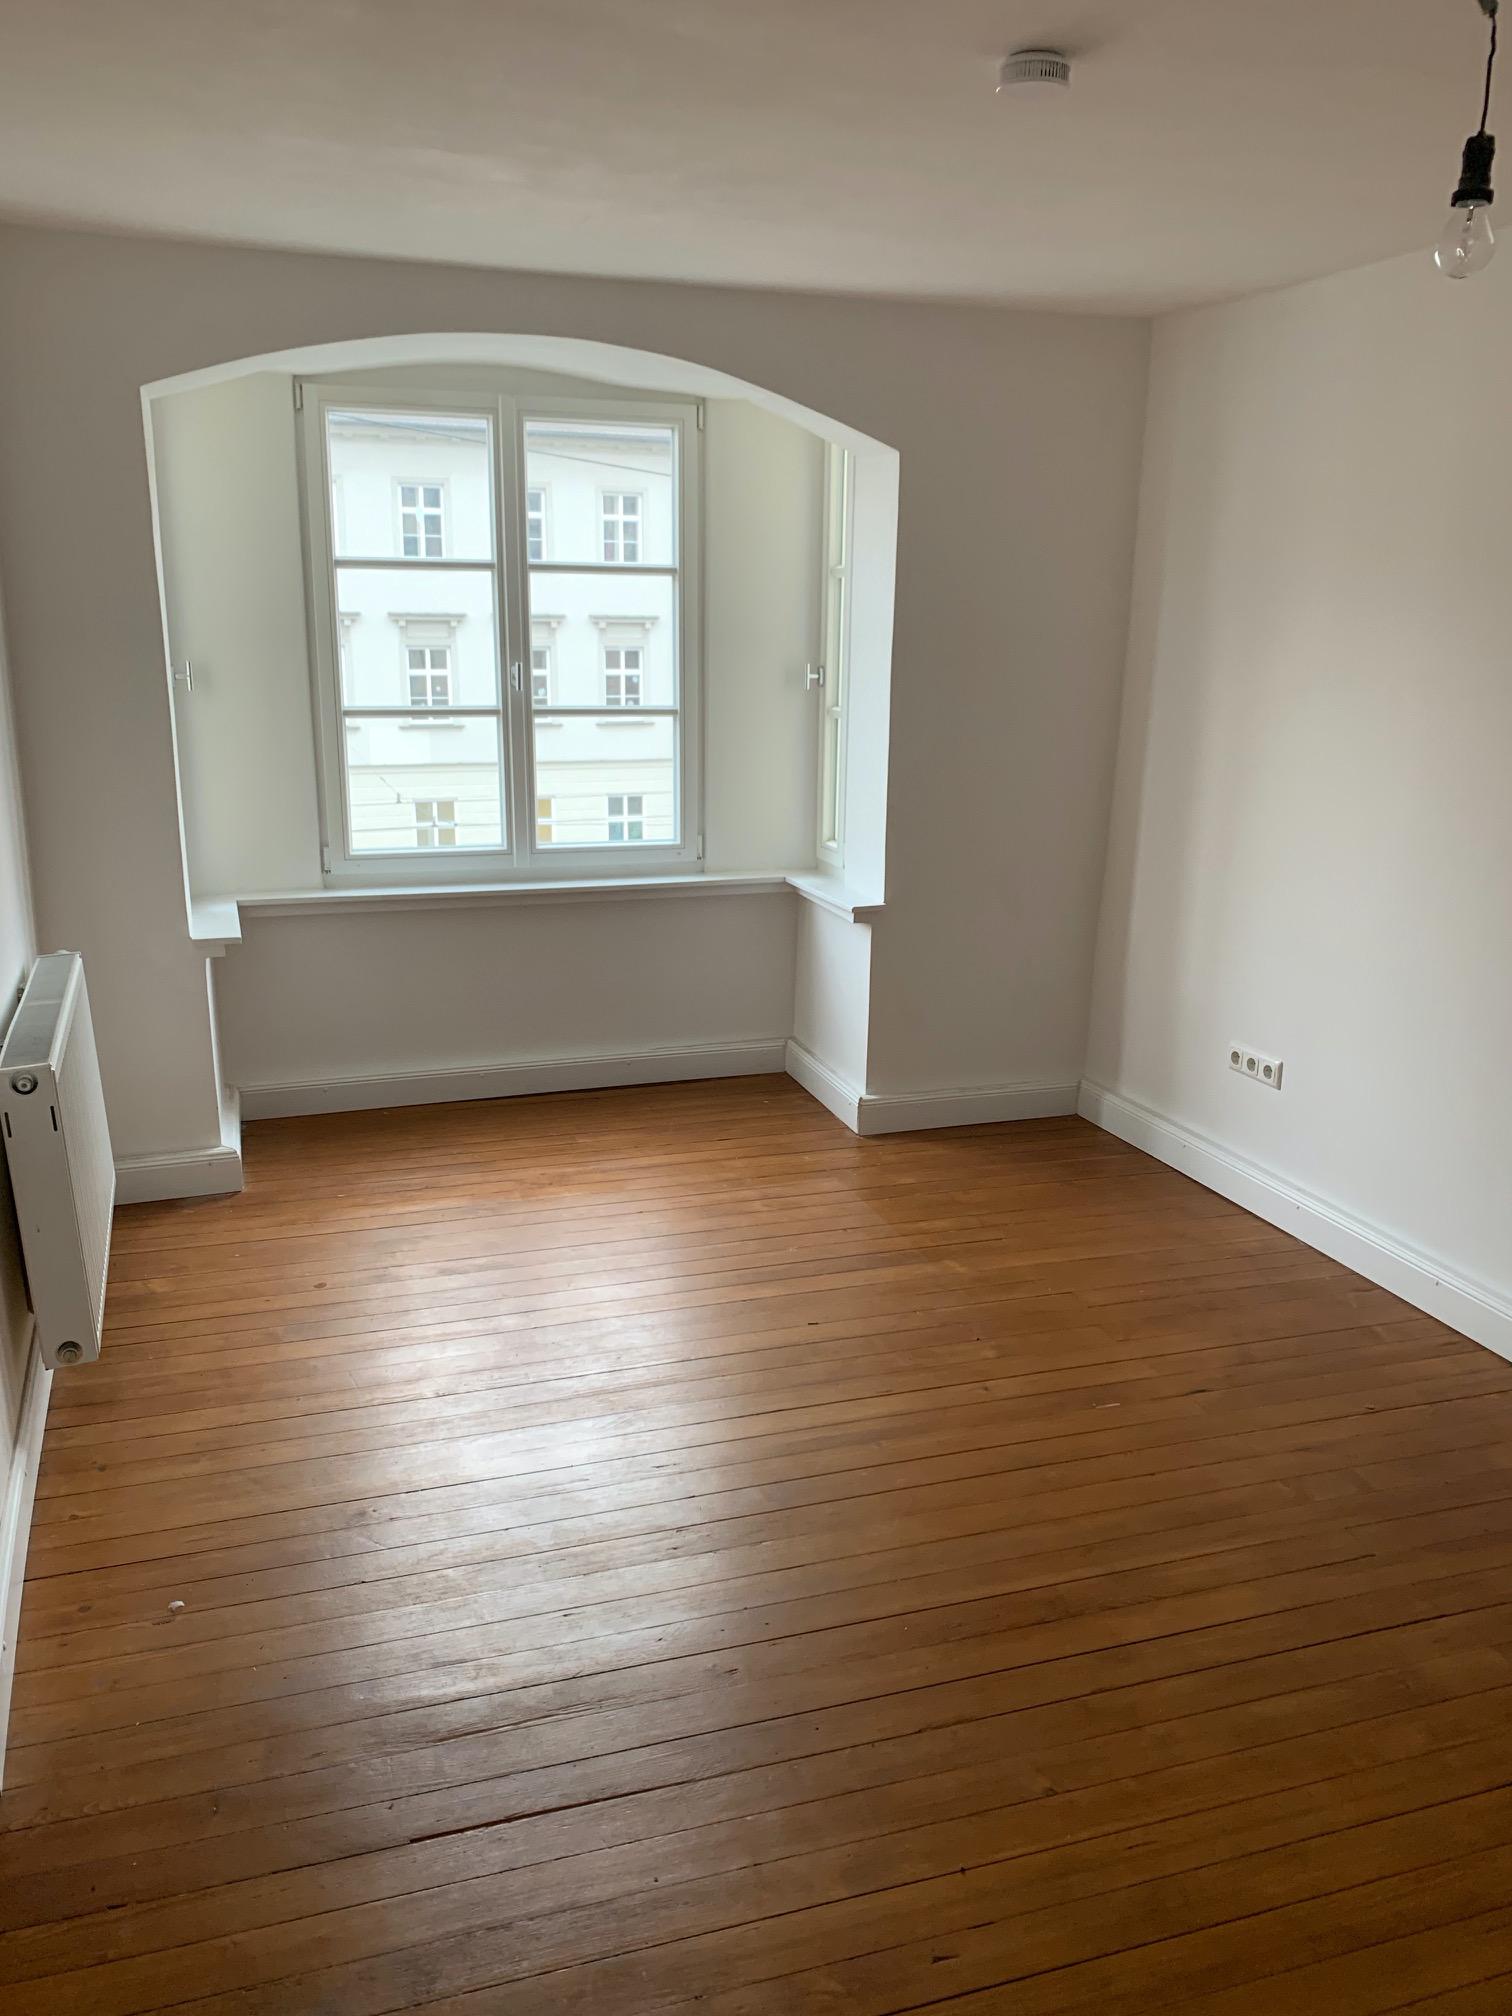 Schöne, neuwertige 4-Zimmer-Wohnung mit gehobener Innenausstattung zur Miete in Augsburg in Augsburg-Innenstadt